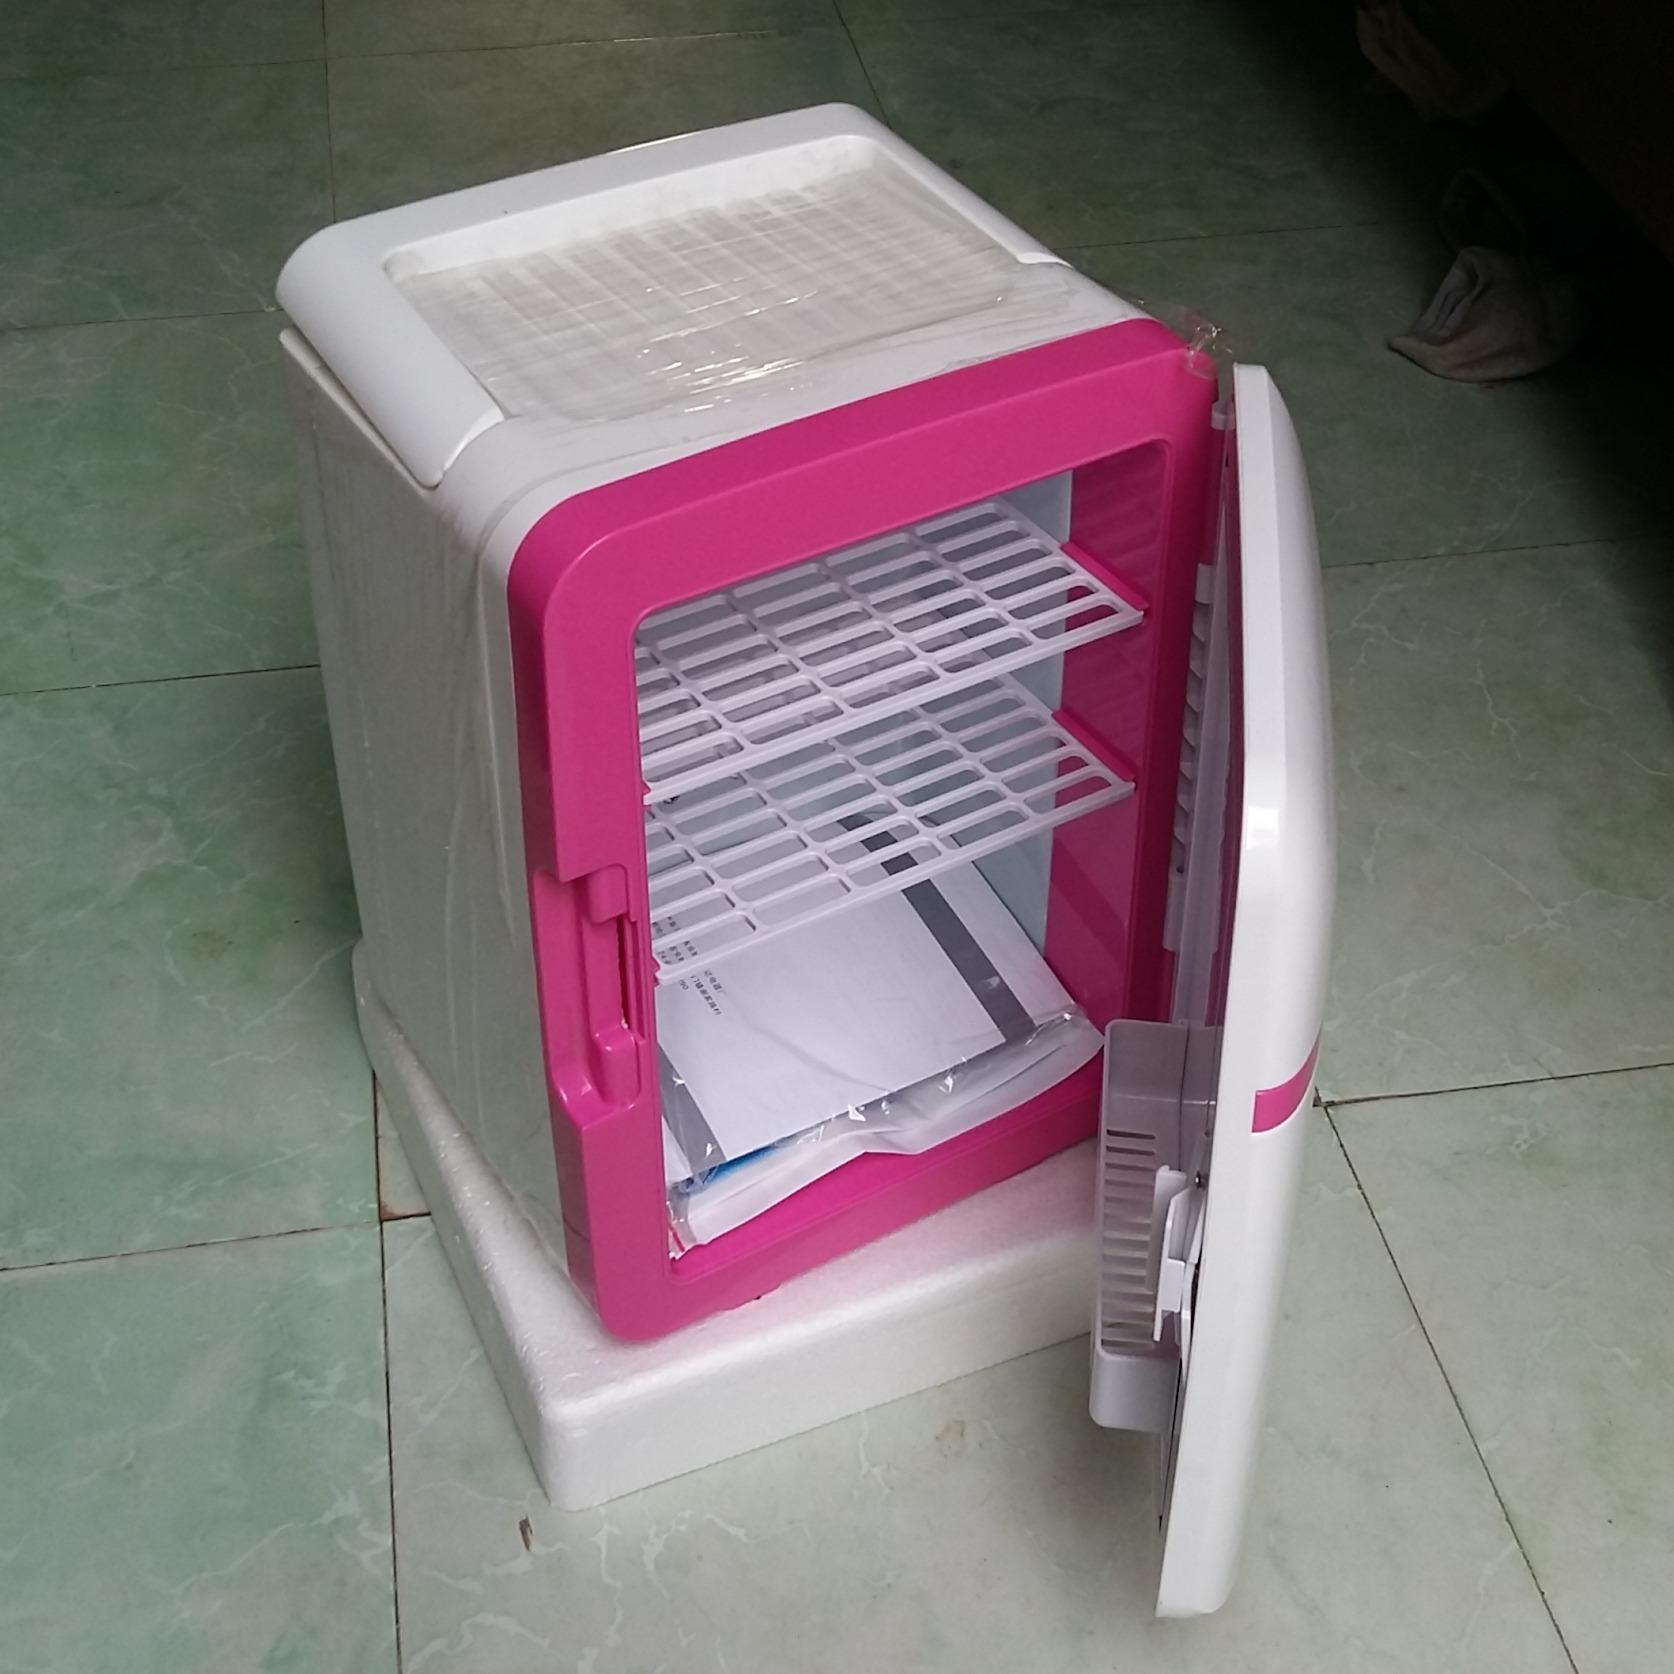 Tủ Lạnh Mini Trên Xe Hơi Và Gia Đình 10L